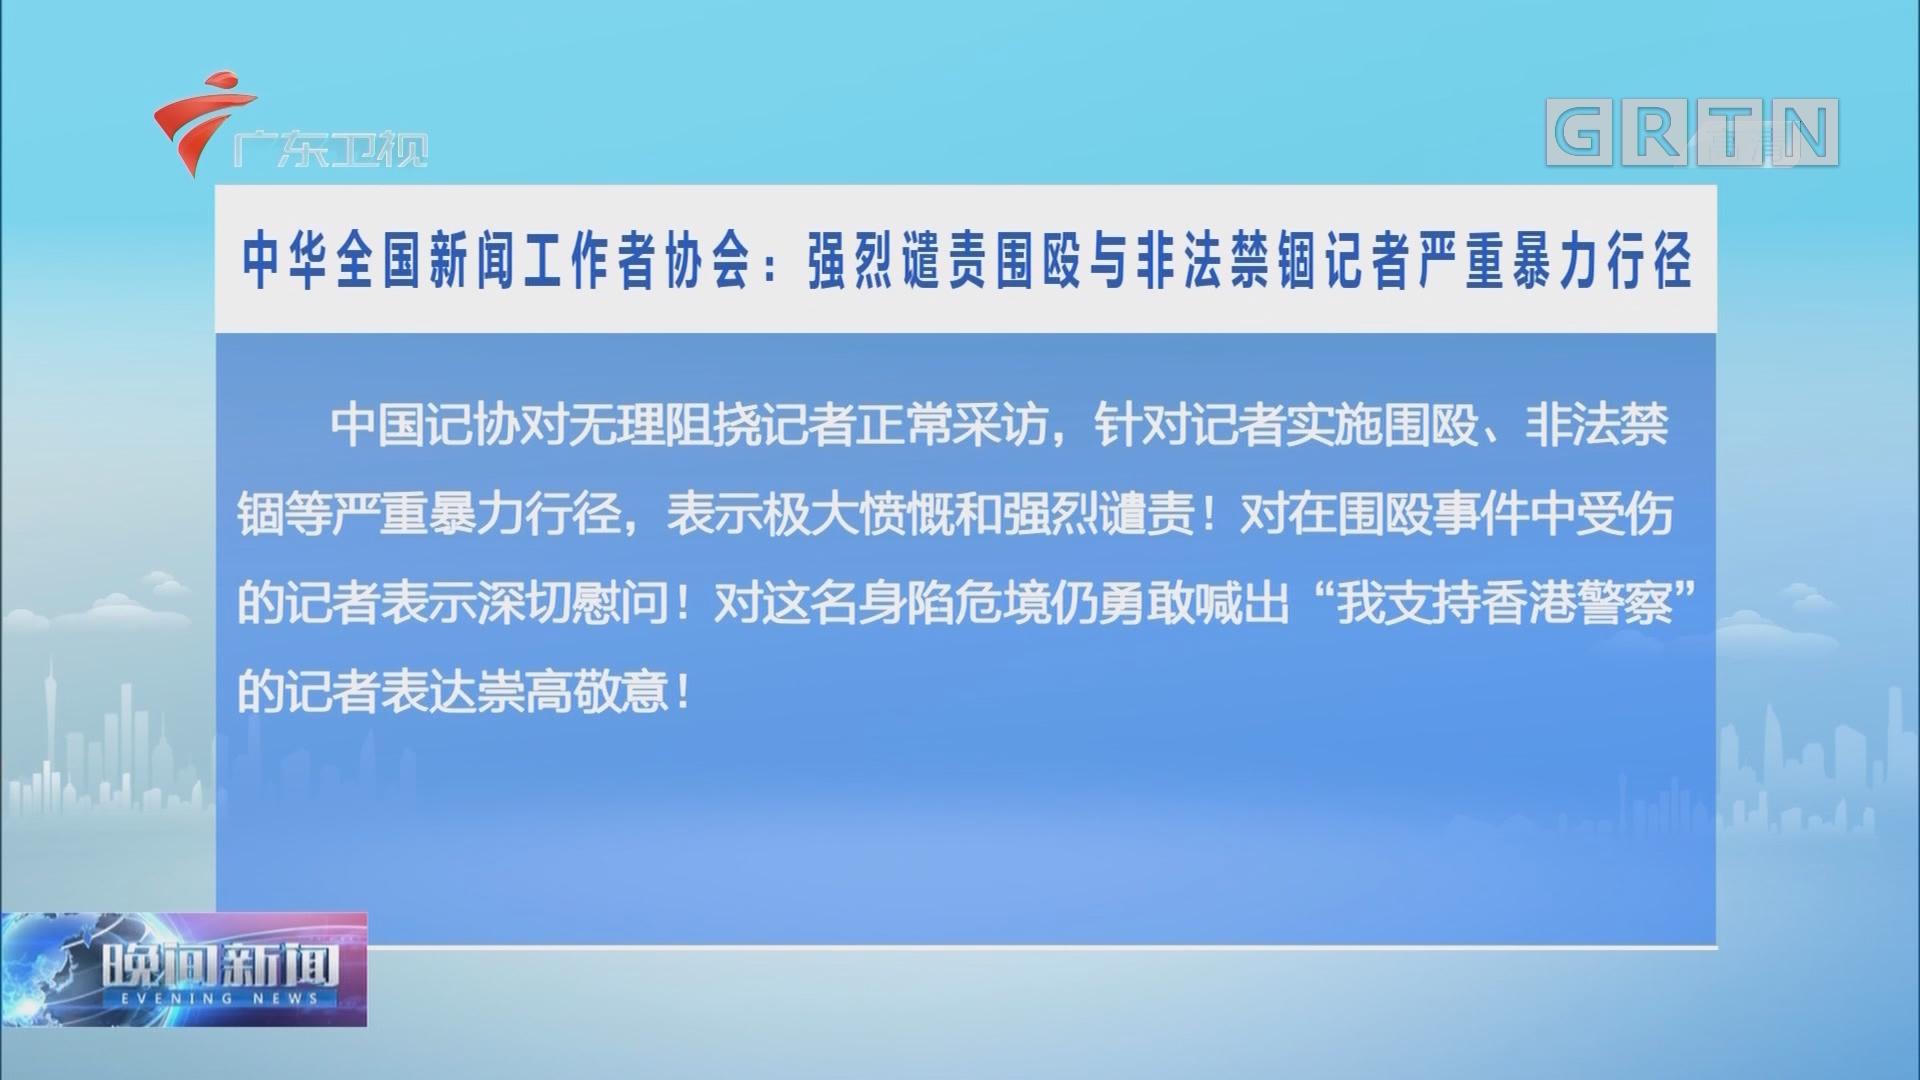 中华全国新闻工作者协会:强烈谴责围殴与非法禁锢记者严重暴力行径